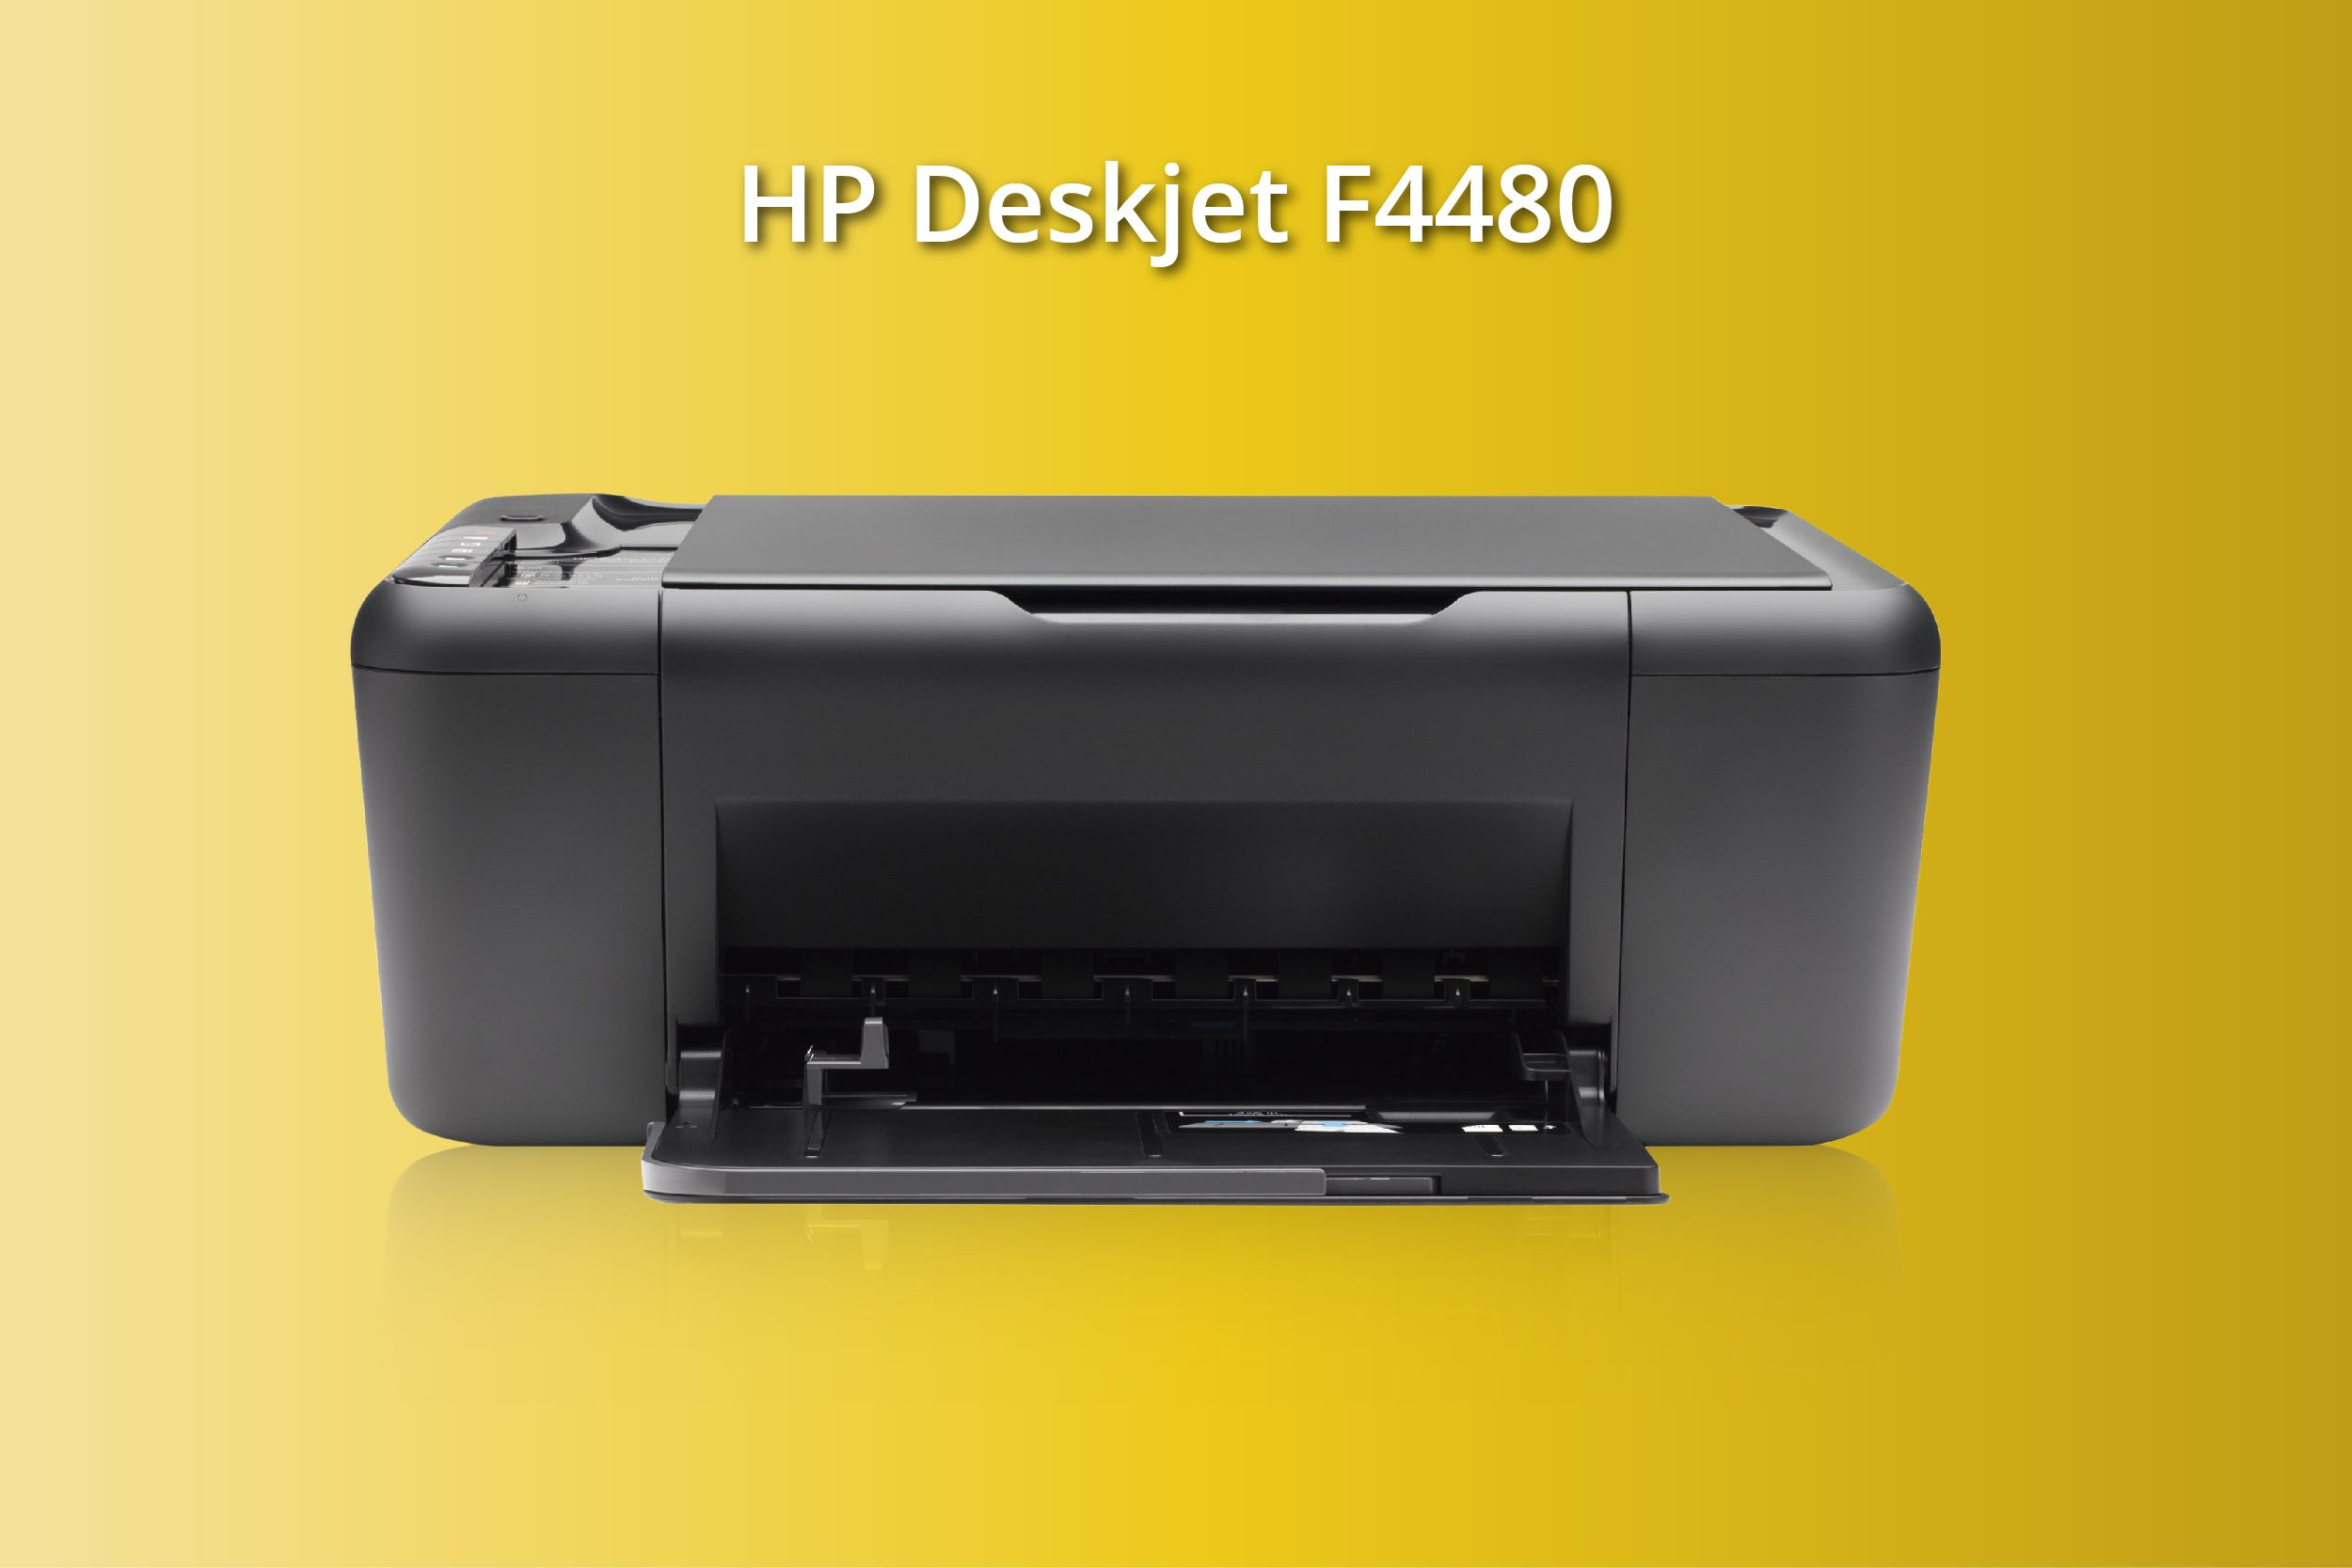 123 Hp Com Hp Printer 123 Hp Com Setup Download Free Drivers Printer Hp Printer Setup